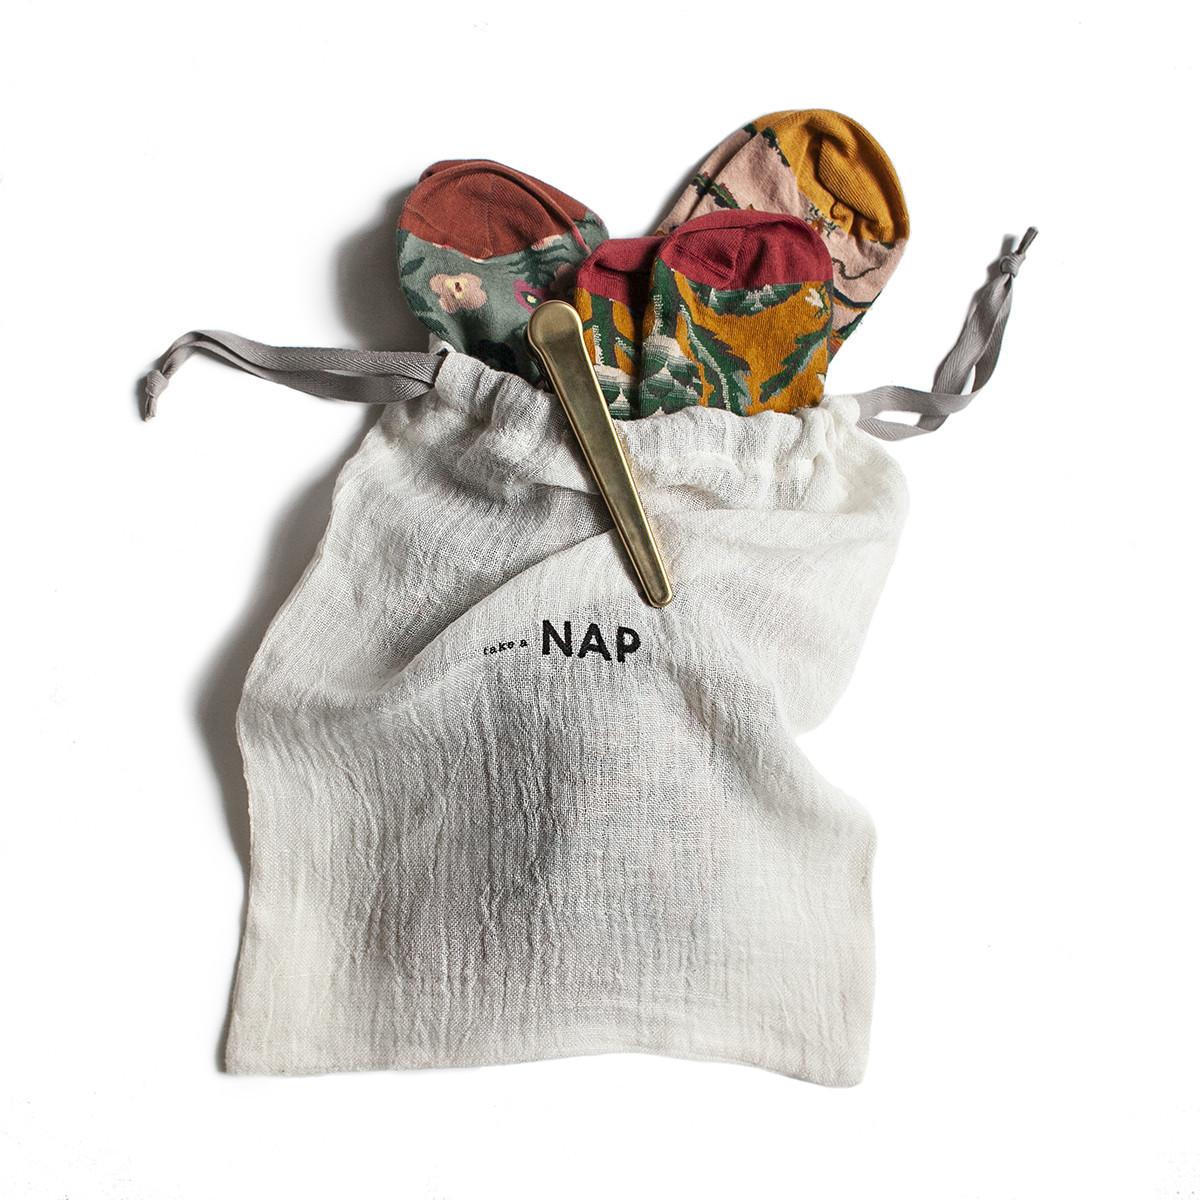 Wielorazowy lniany woreczek take a NAP 100% lnu przyjazny środowisku